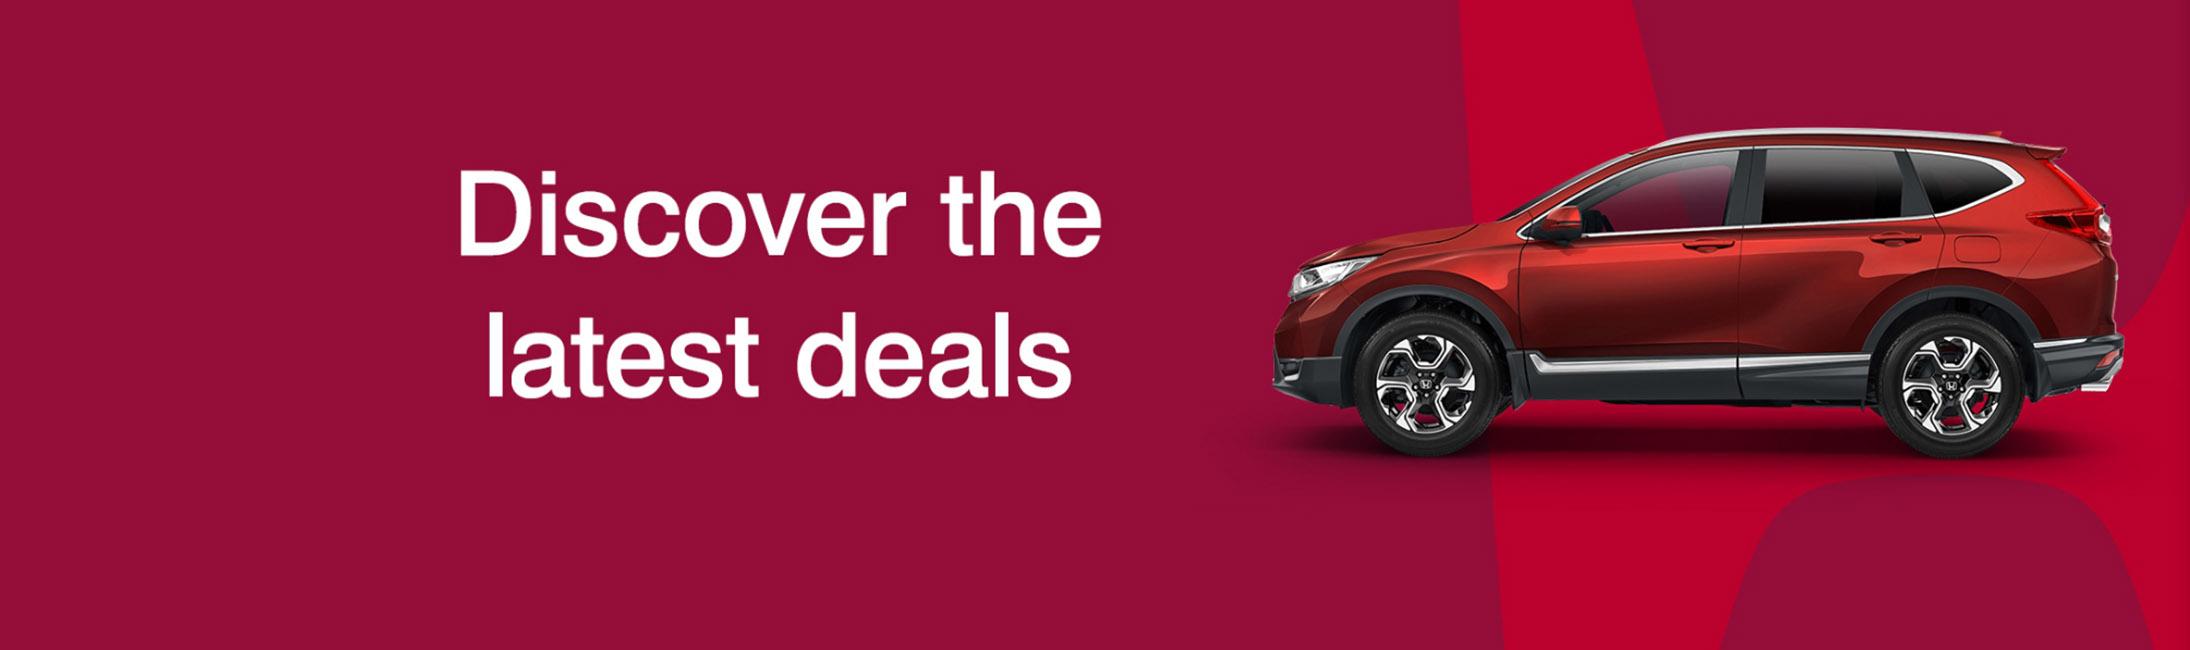 Discover Latest Deals - Honda